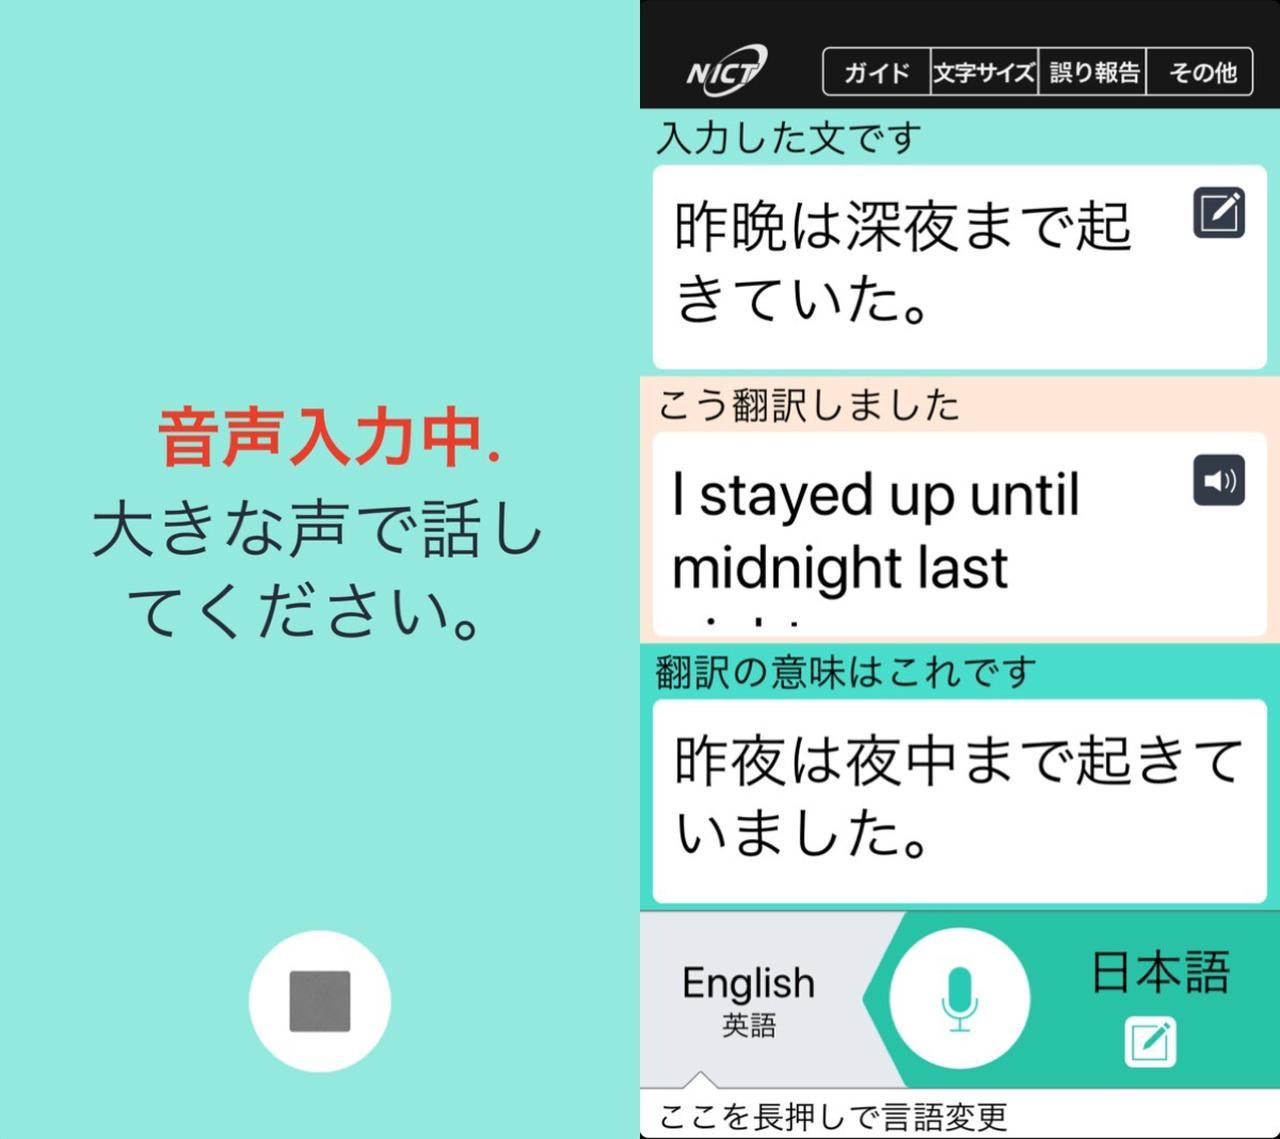 画像3: 話しかけるだけでアプリが自動で翻訳!翻訳結果が正しいかもわかるんです。